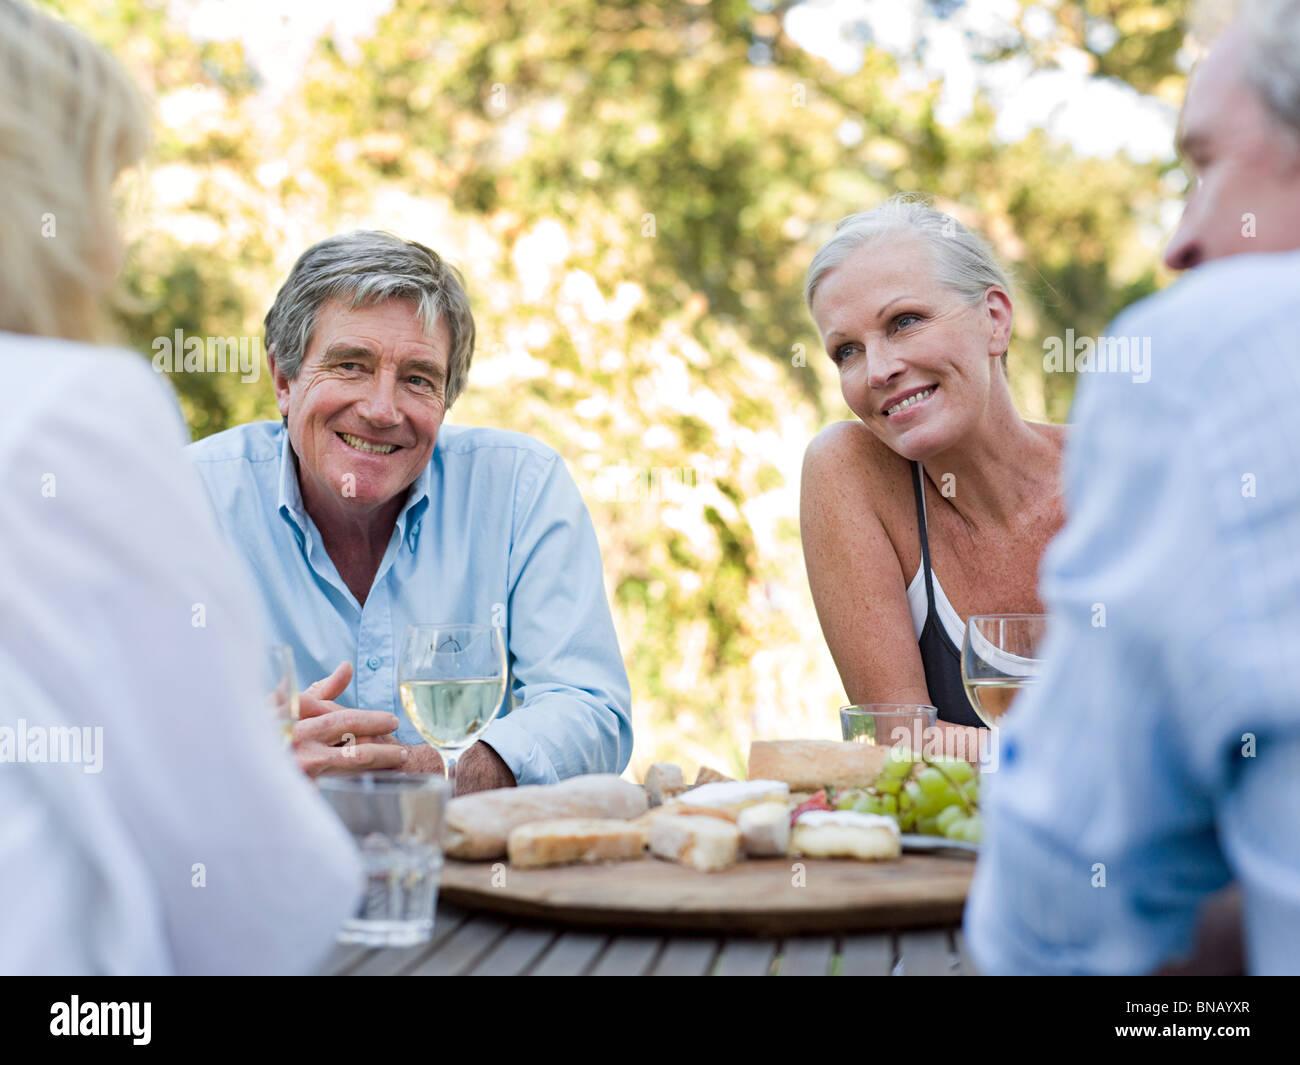 Freunde von Mahlzeit im freien Stockfoto